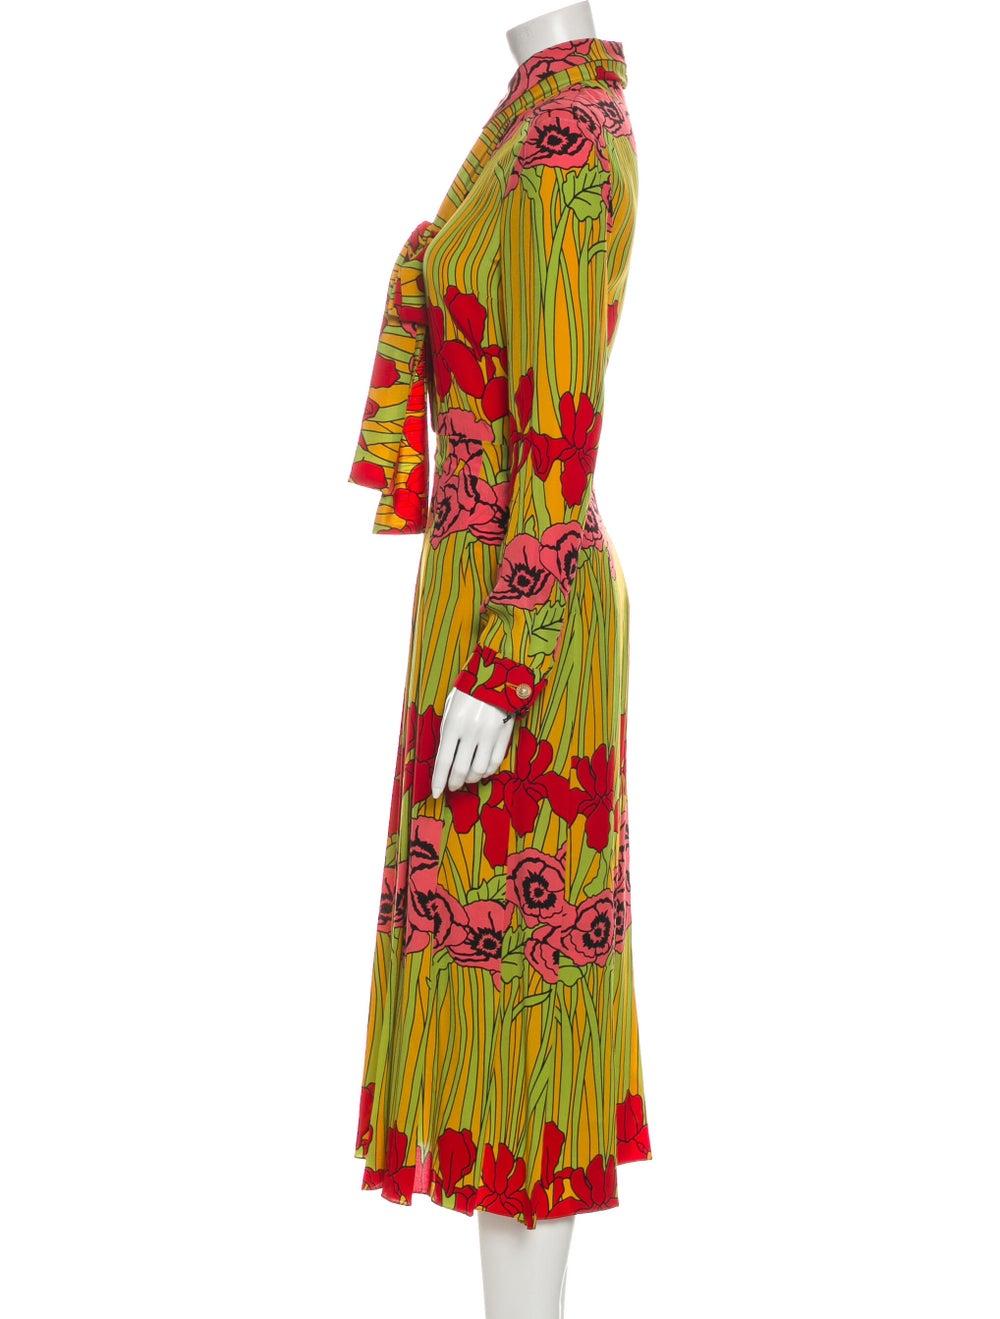 Gucci 2016 Long Dress Yellow - image 2